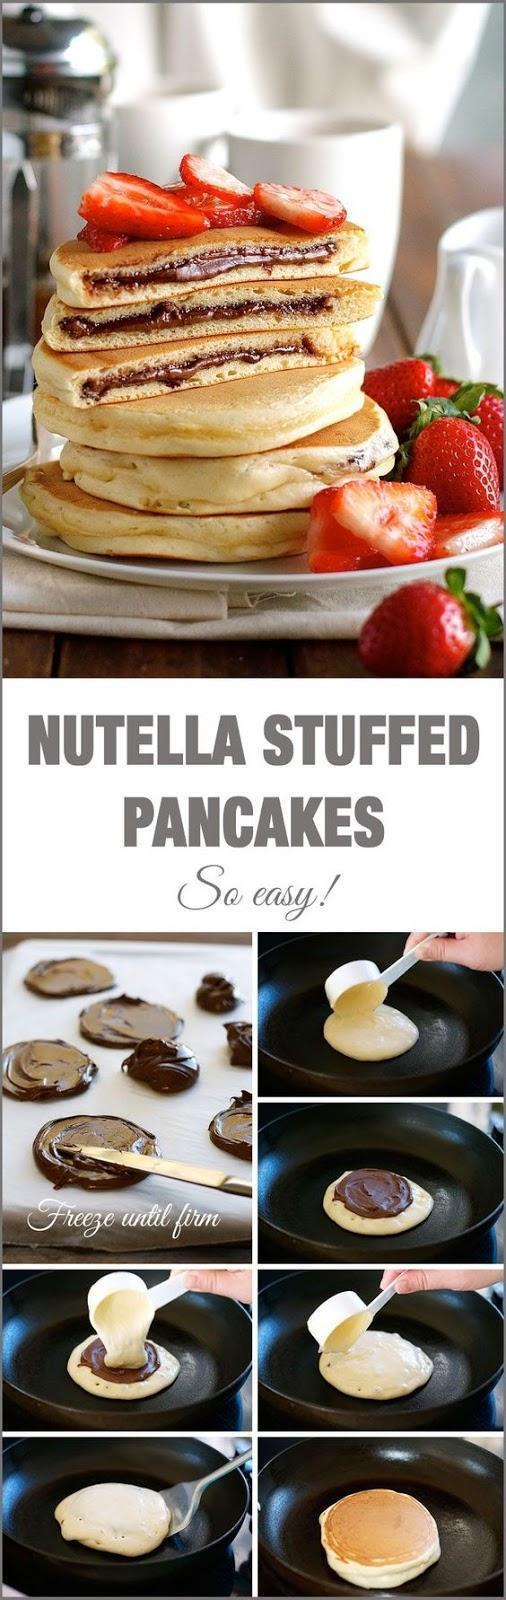 NUTELLA STUFFED PANCAKES